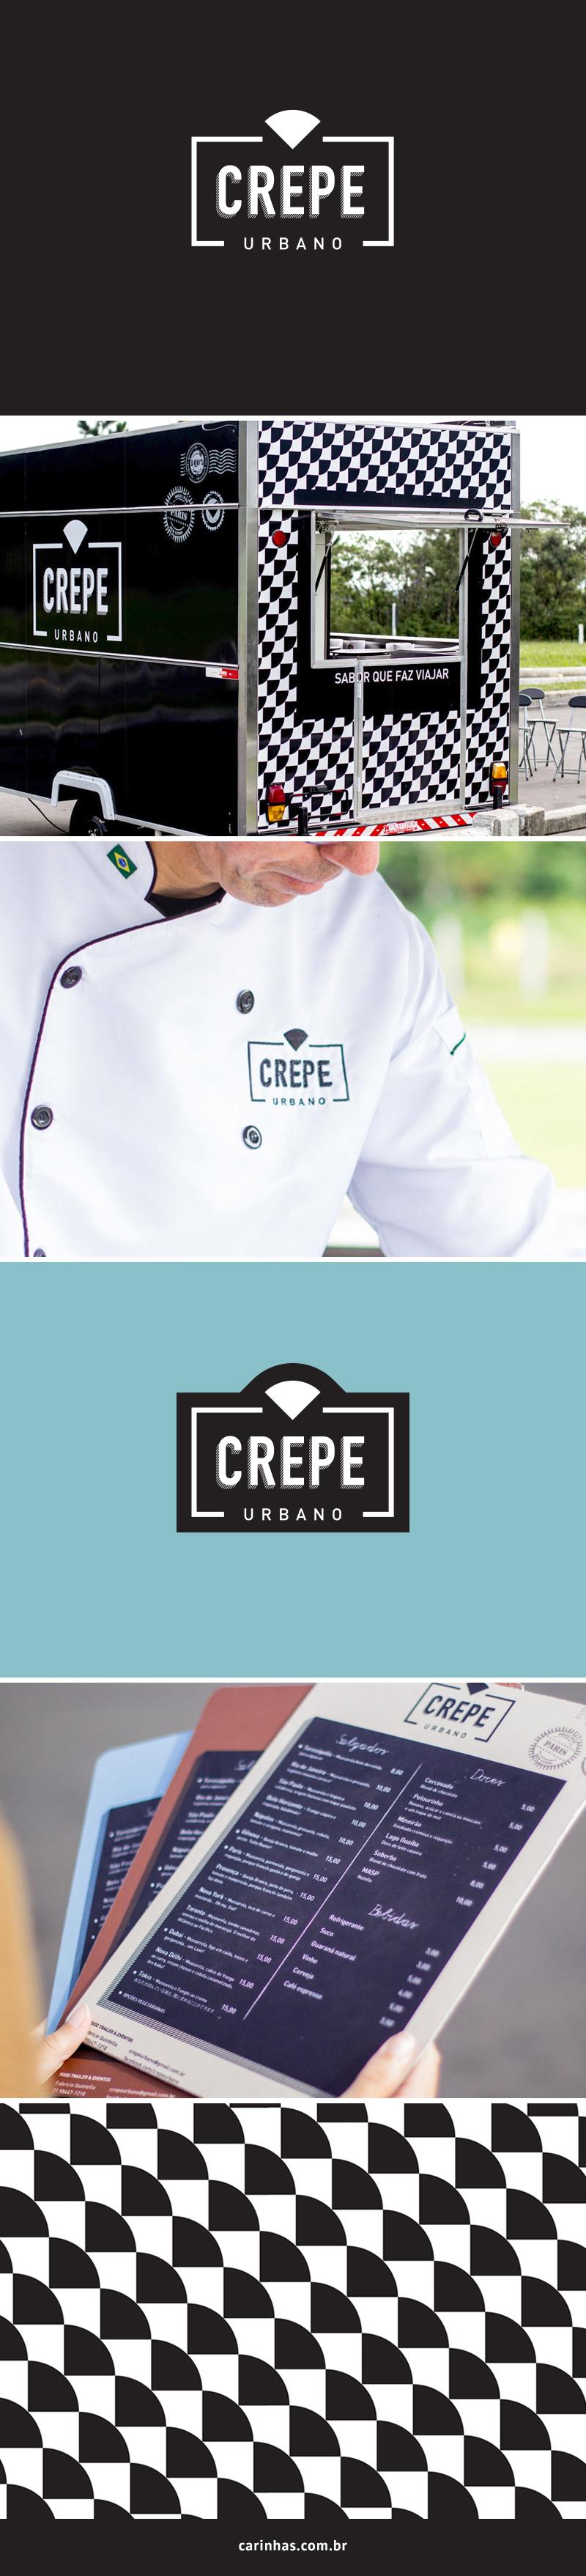 Crepe Urbano - Projeto de Marca Apaixonante para food truck